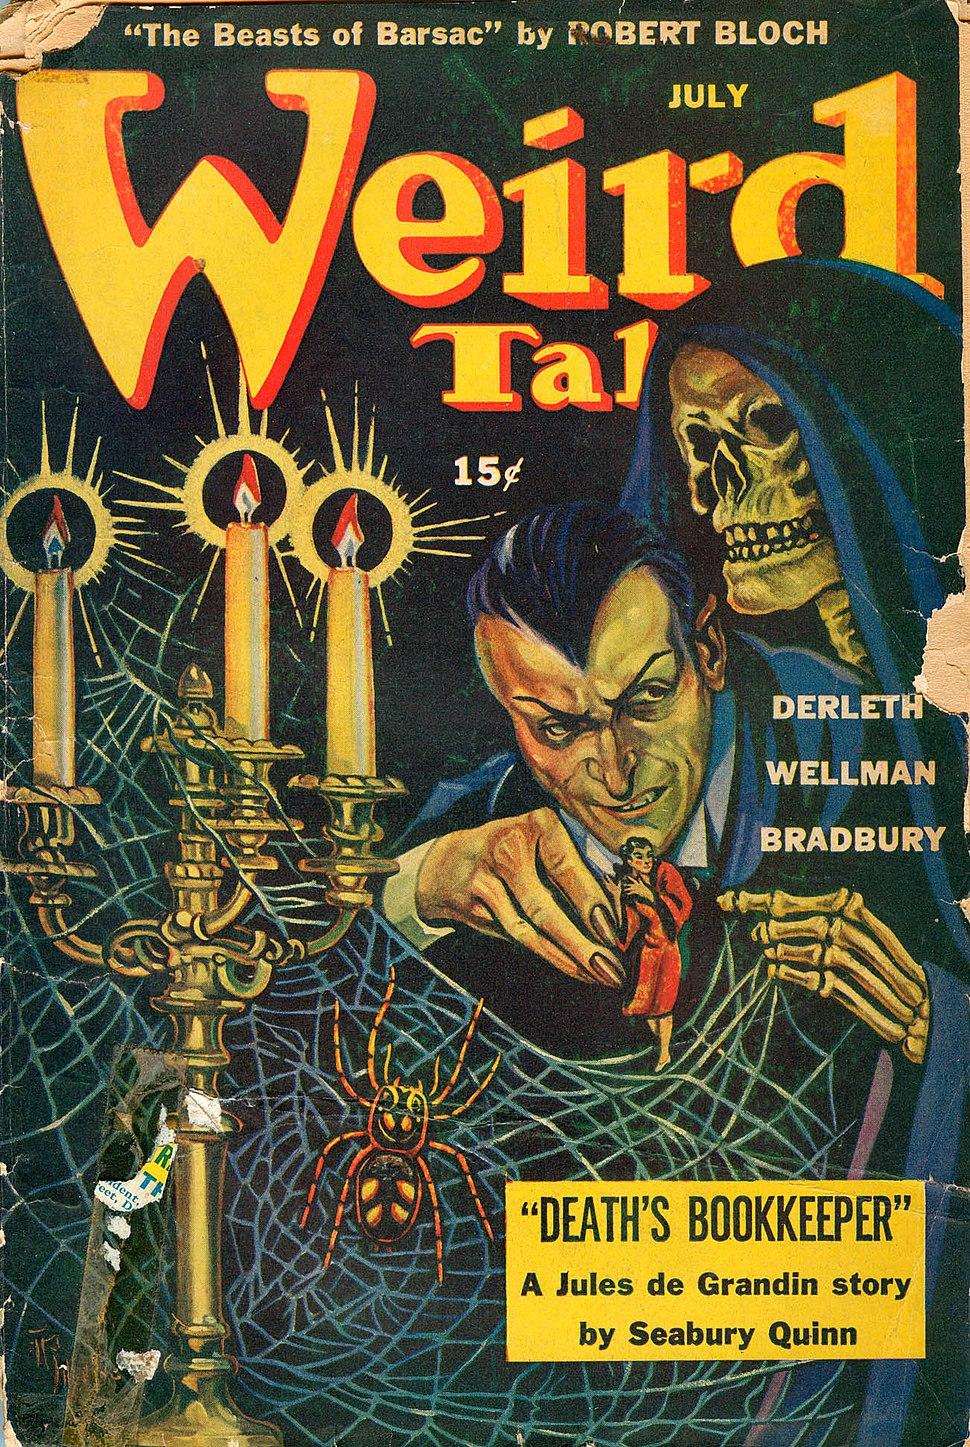 Weird Tales July 1944